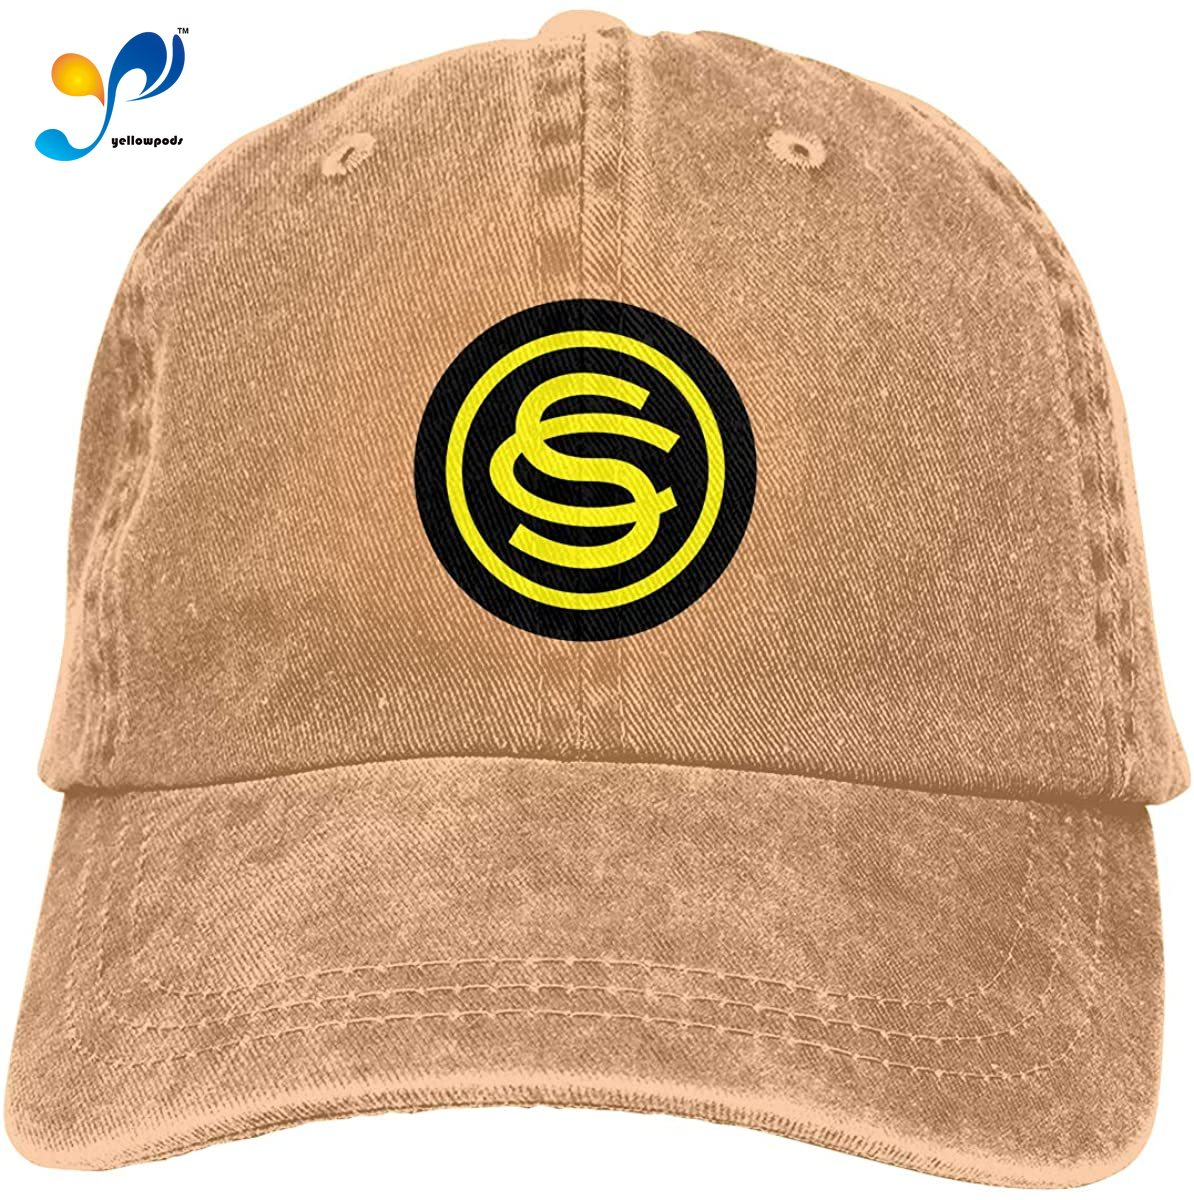 Сотрудник школе унисекс Мягкая Кепка с якорем модная шапка, в винтажном стиле, регулируемые бейсболки